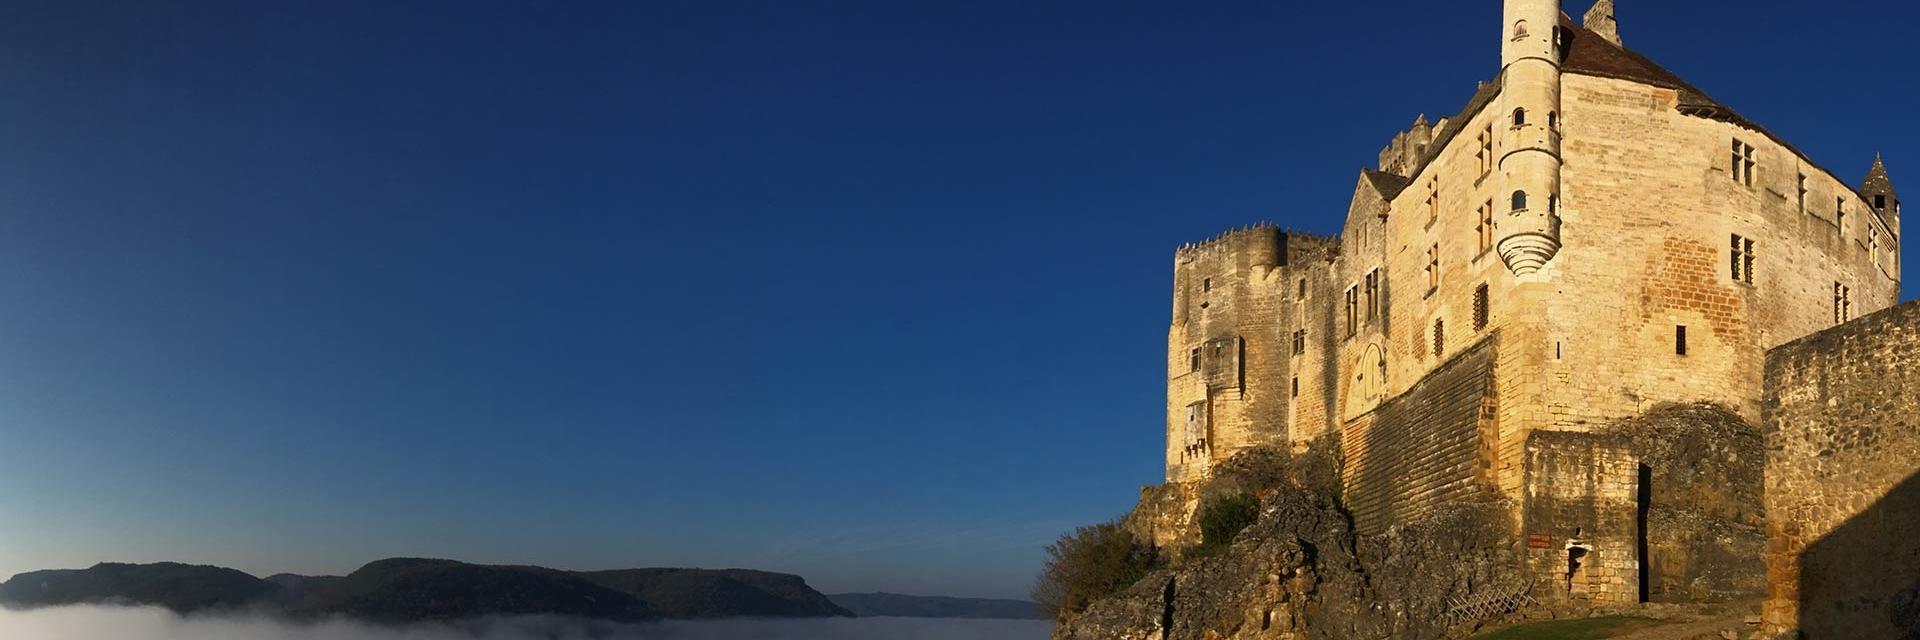 Château de Beynac dans les nuages